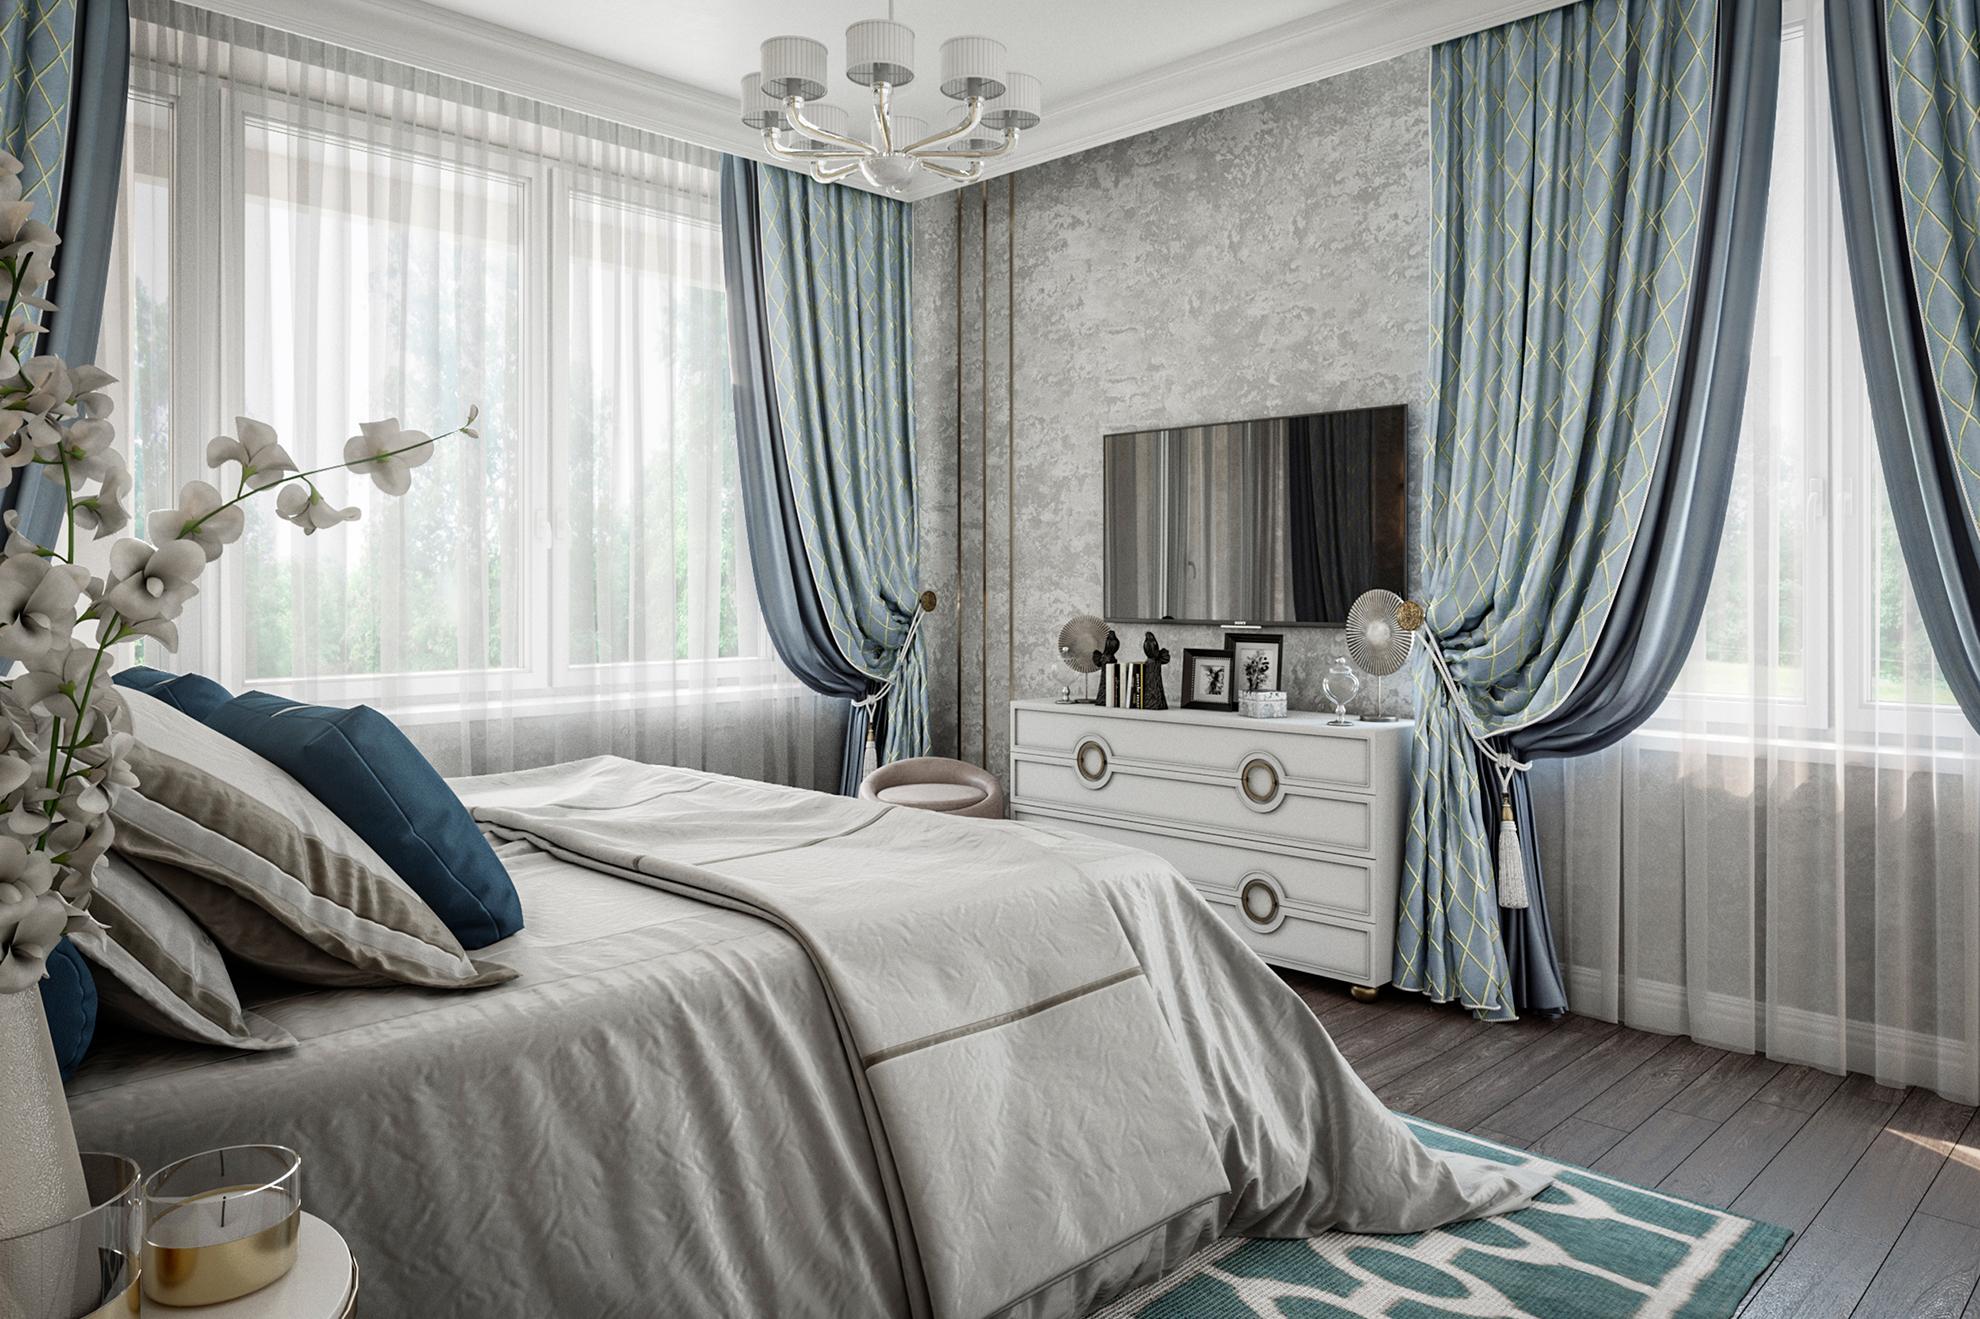 Дизайн интерьера квартиры в ЖК Достояние